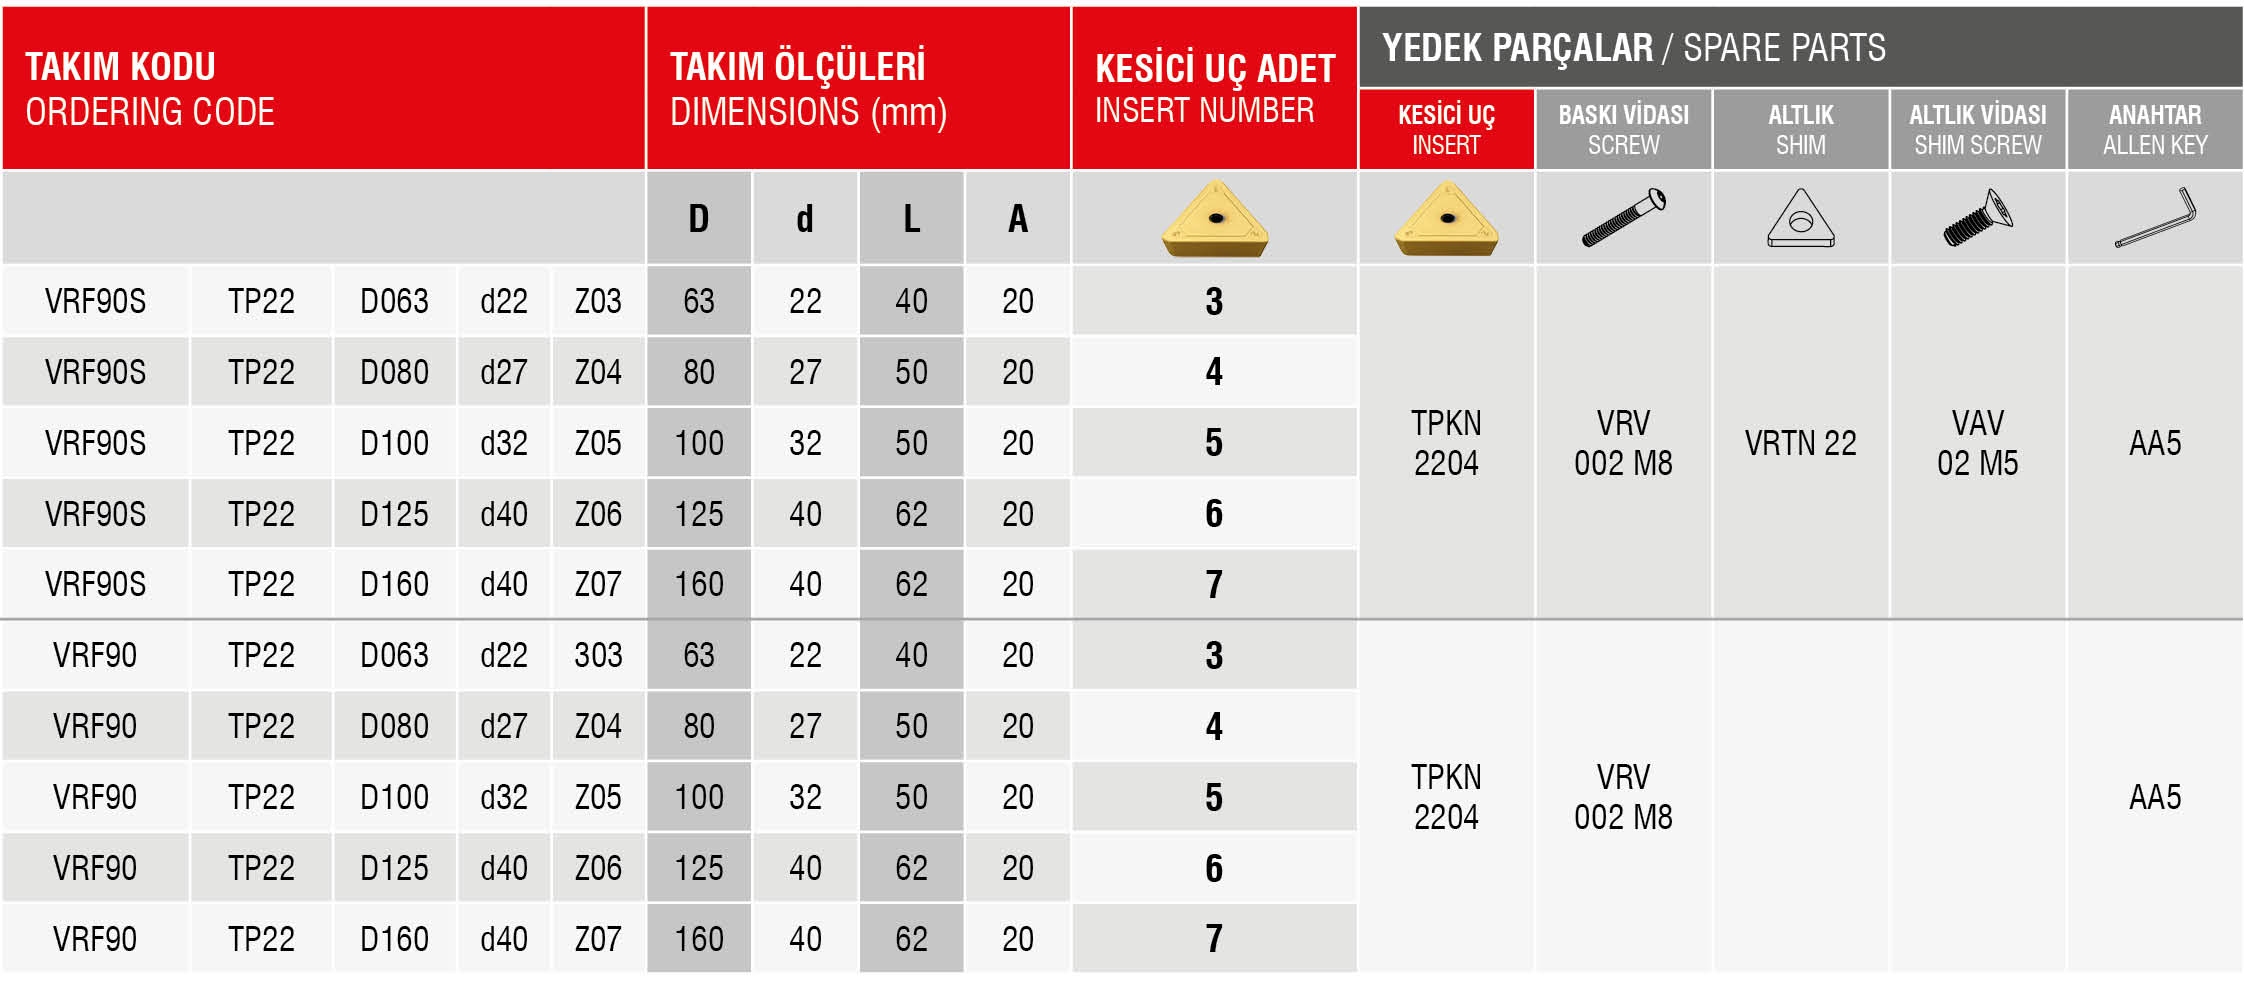 Tabela VRF90 TP22